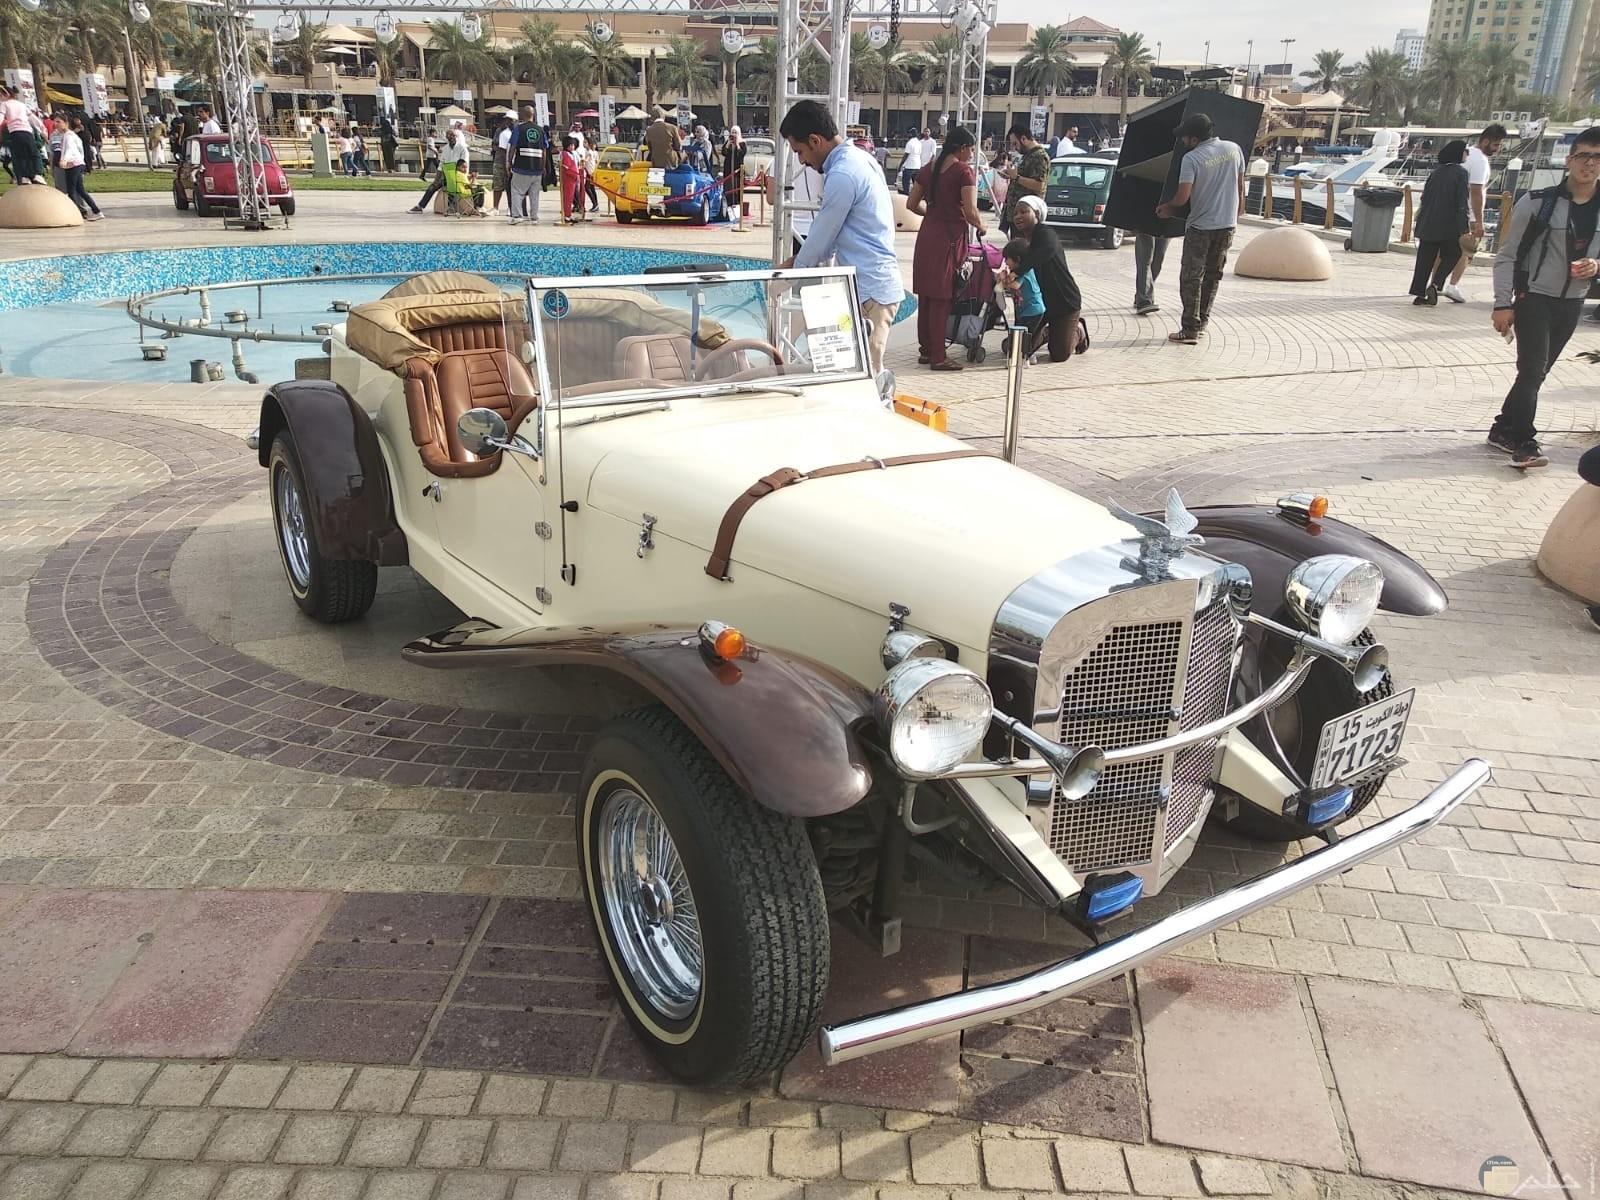 سيارة بتصميم قديم جداً و نادر الوجود.